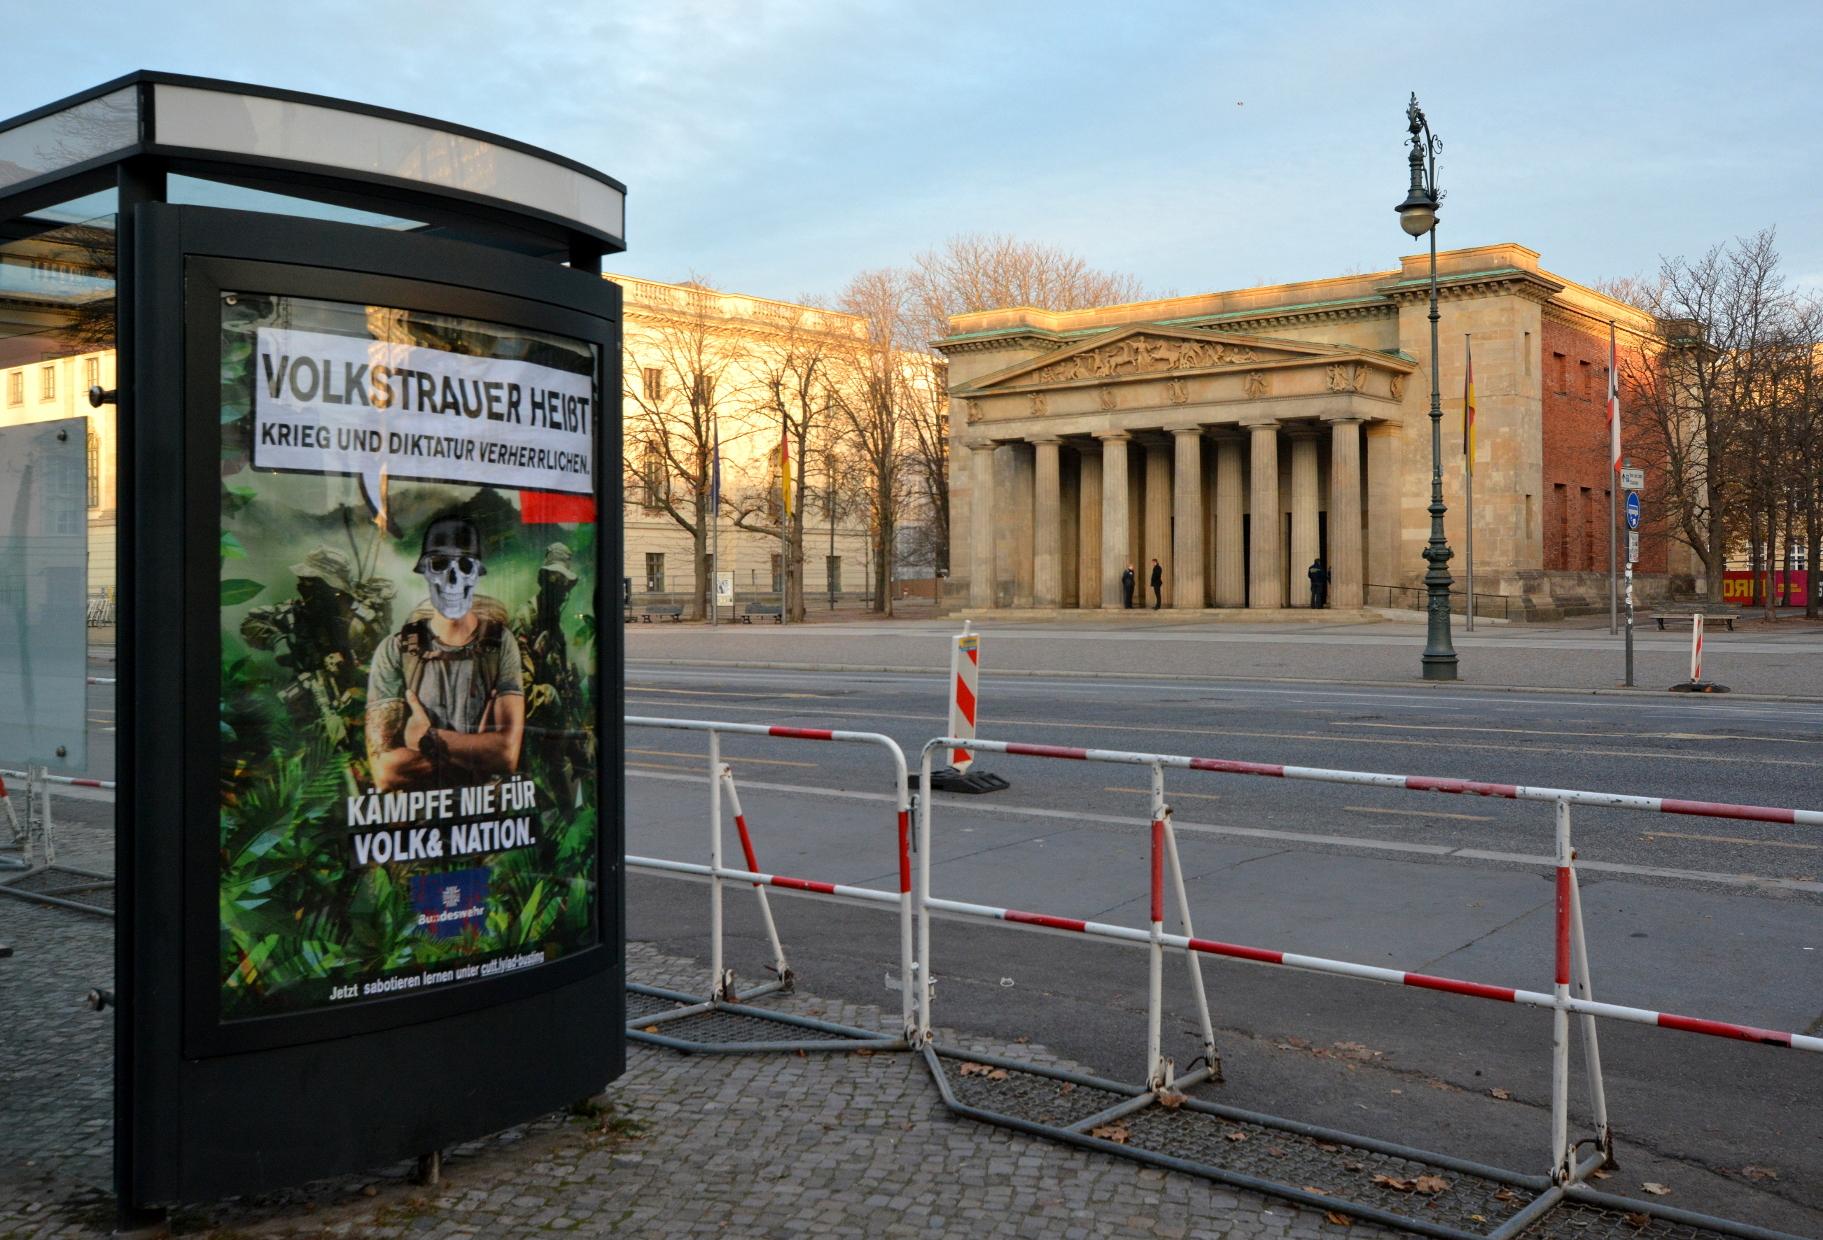 Adbustings zum Volkstrauertag an der Neuen Wache in Berlin